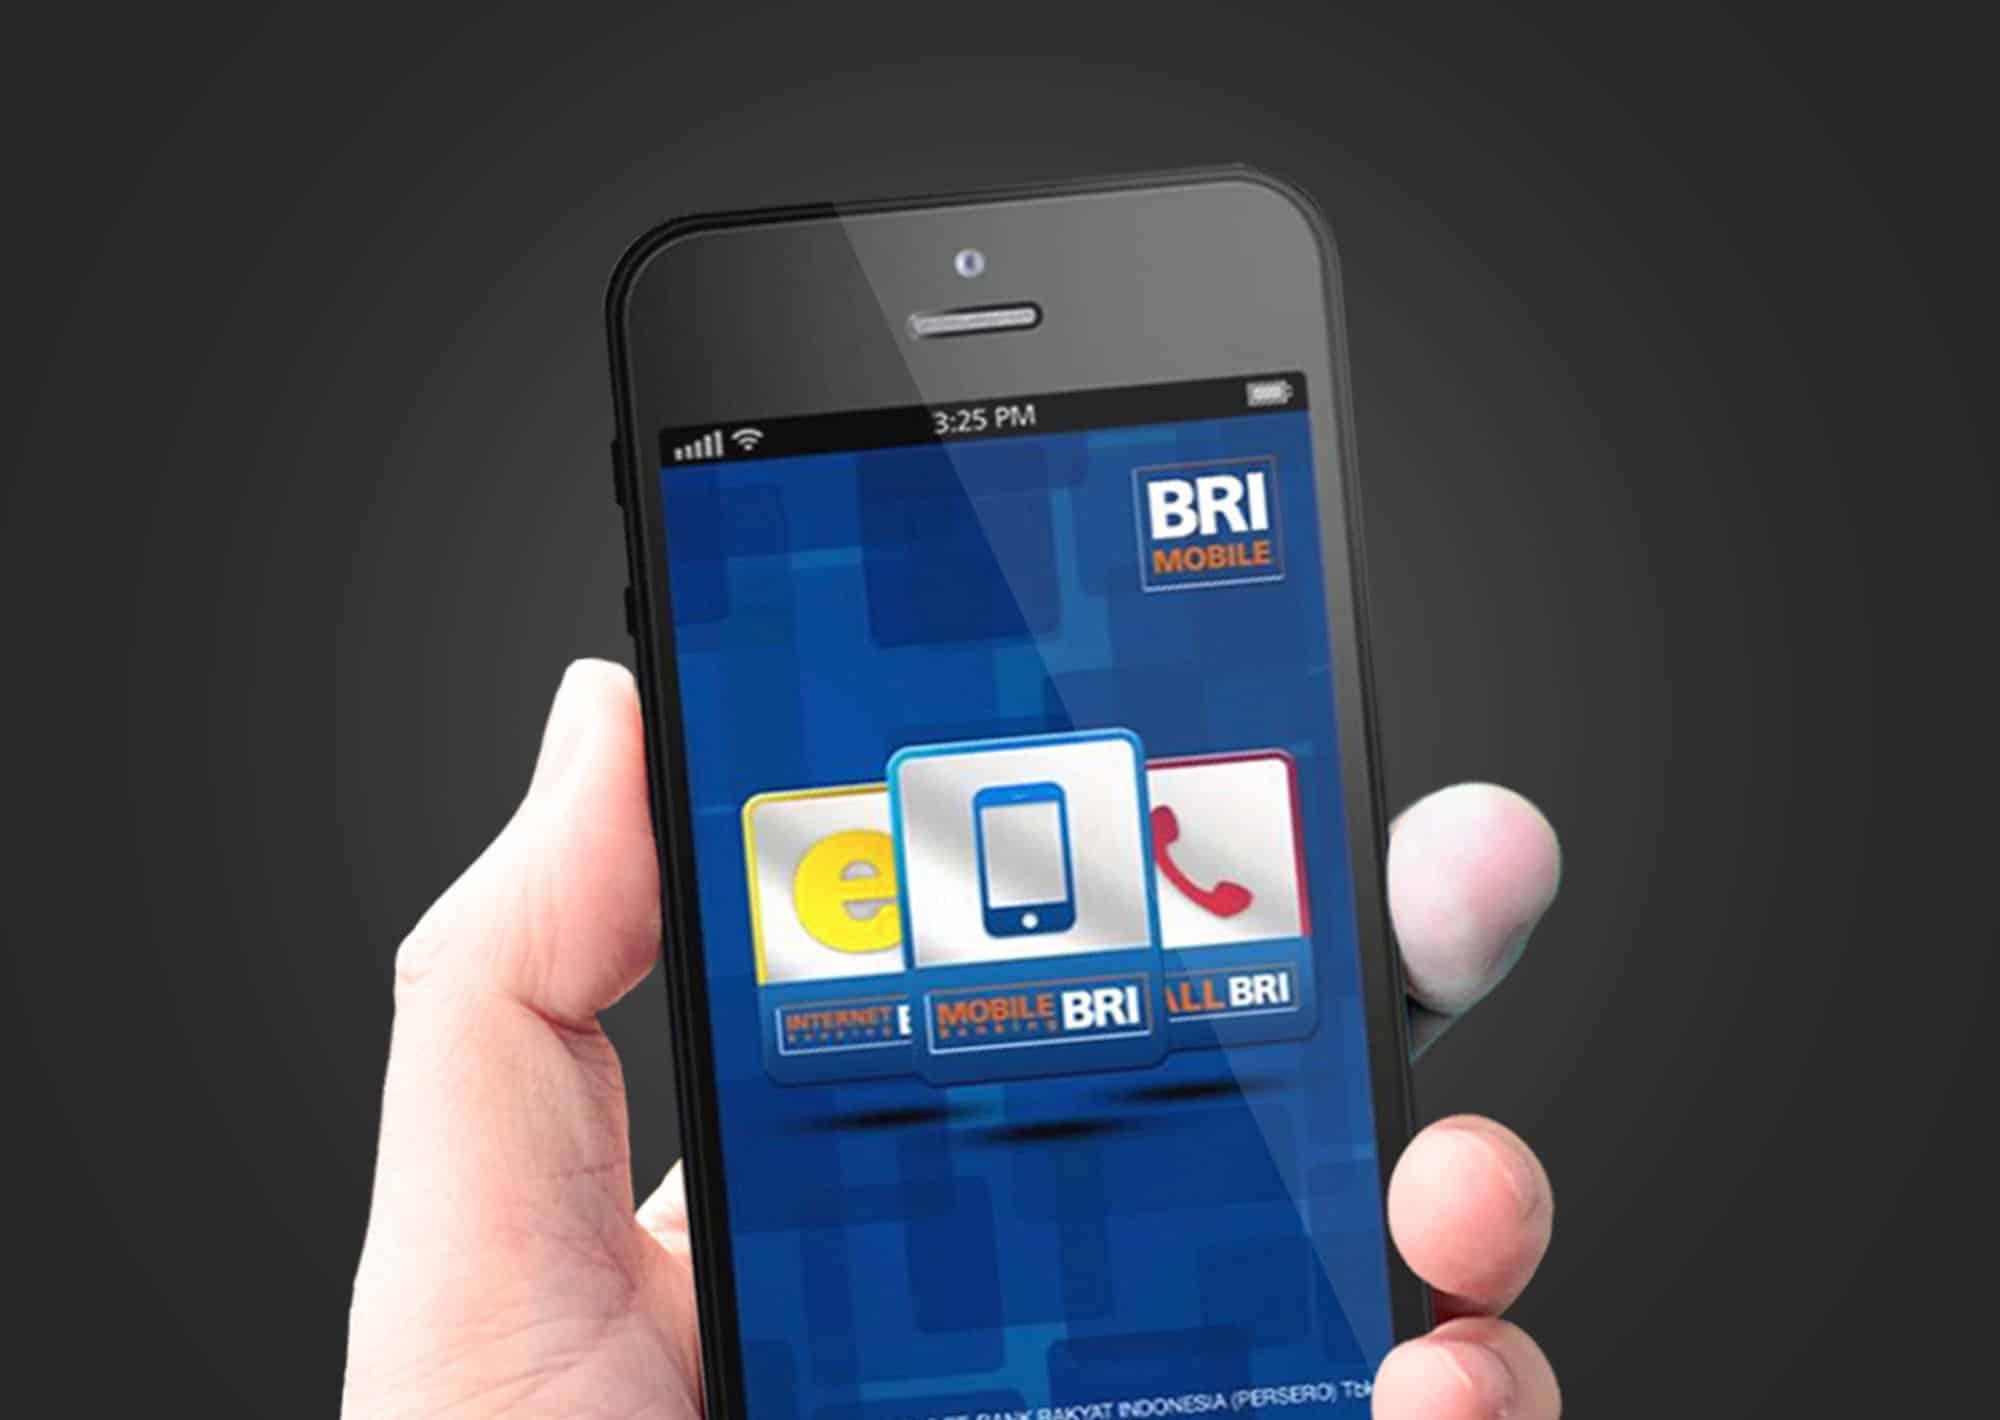 Deretan-cara-buka-rekening-BRI-online